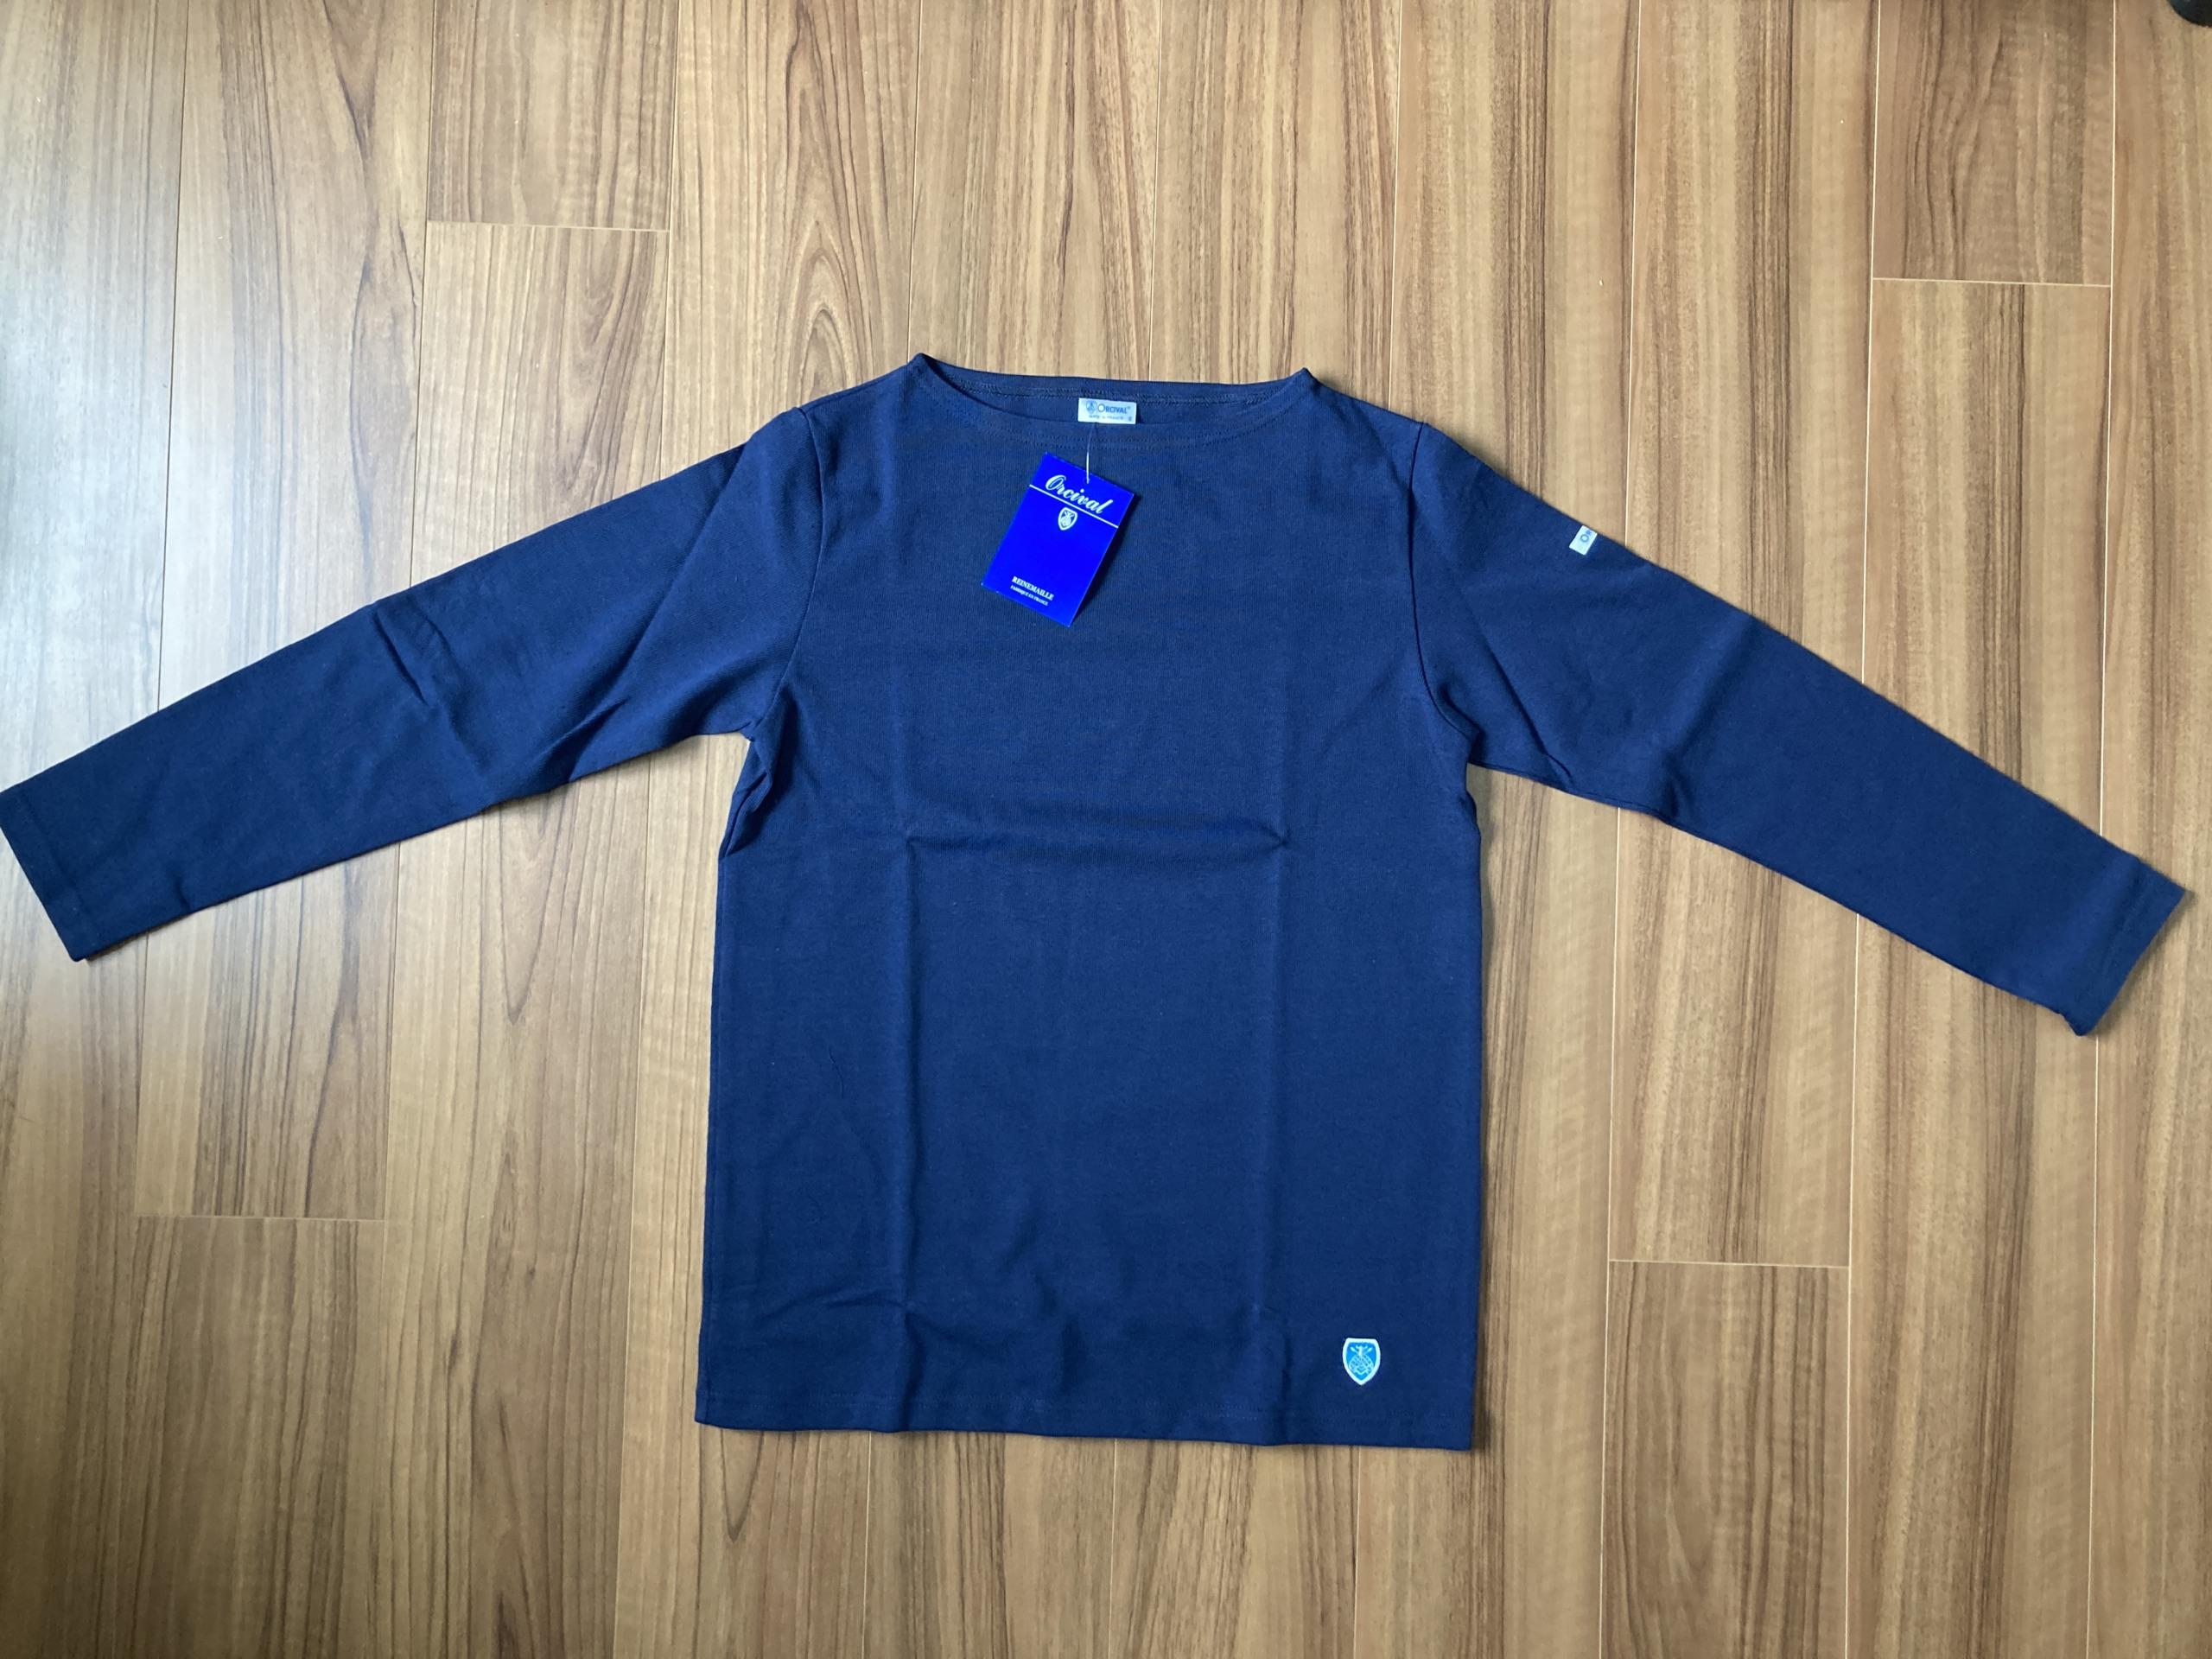 オーシバル Orcival コットンロード バスクシャツ Marine マリン ネイビー 購入当初 全体観